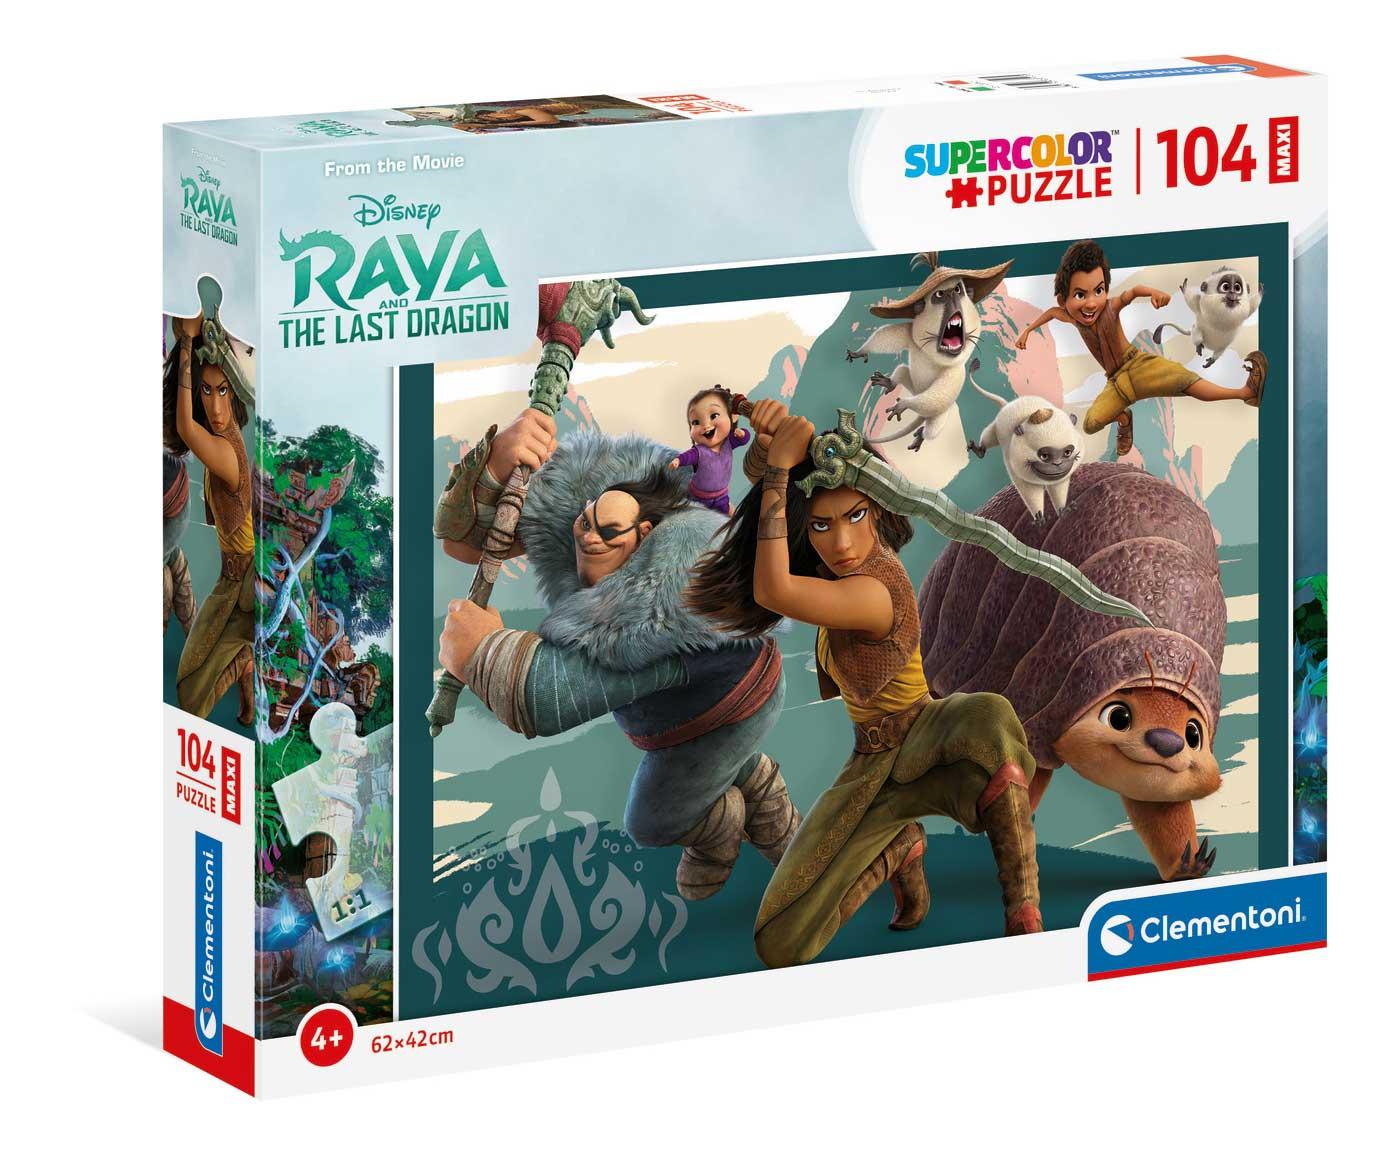 Puzzle Clementoni Raya y el Último Dragón Maxi de 104 Pzs